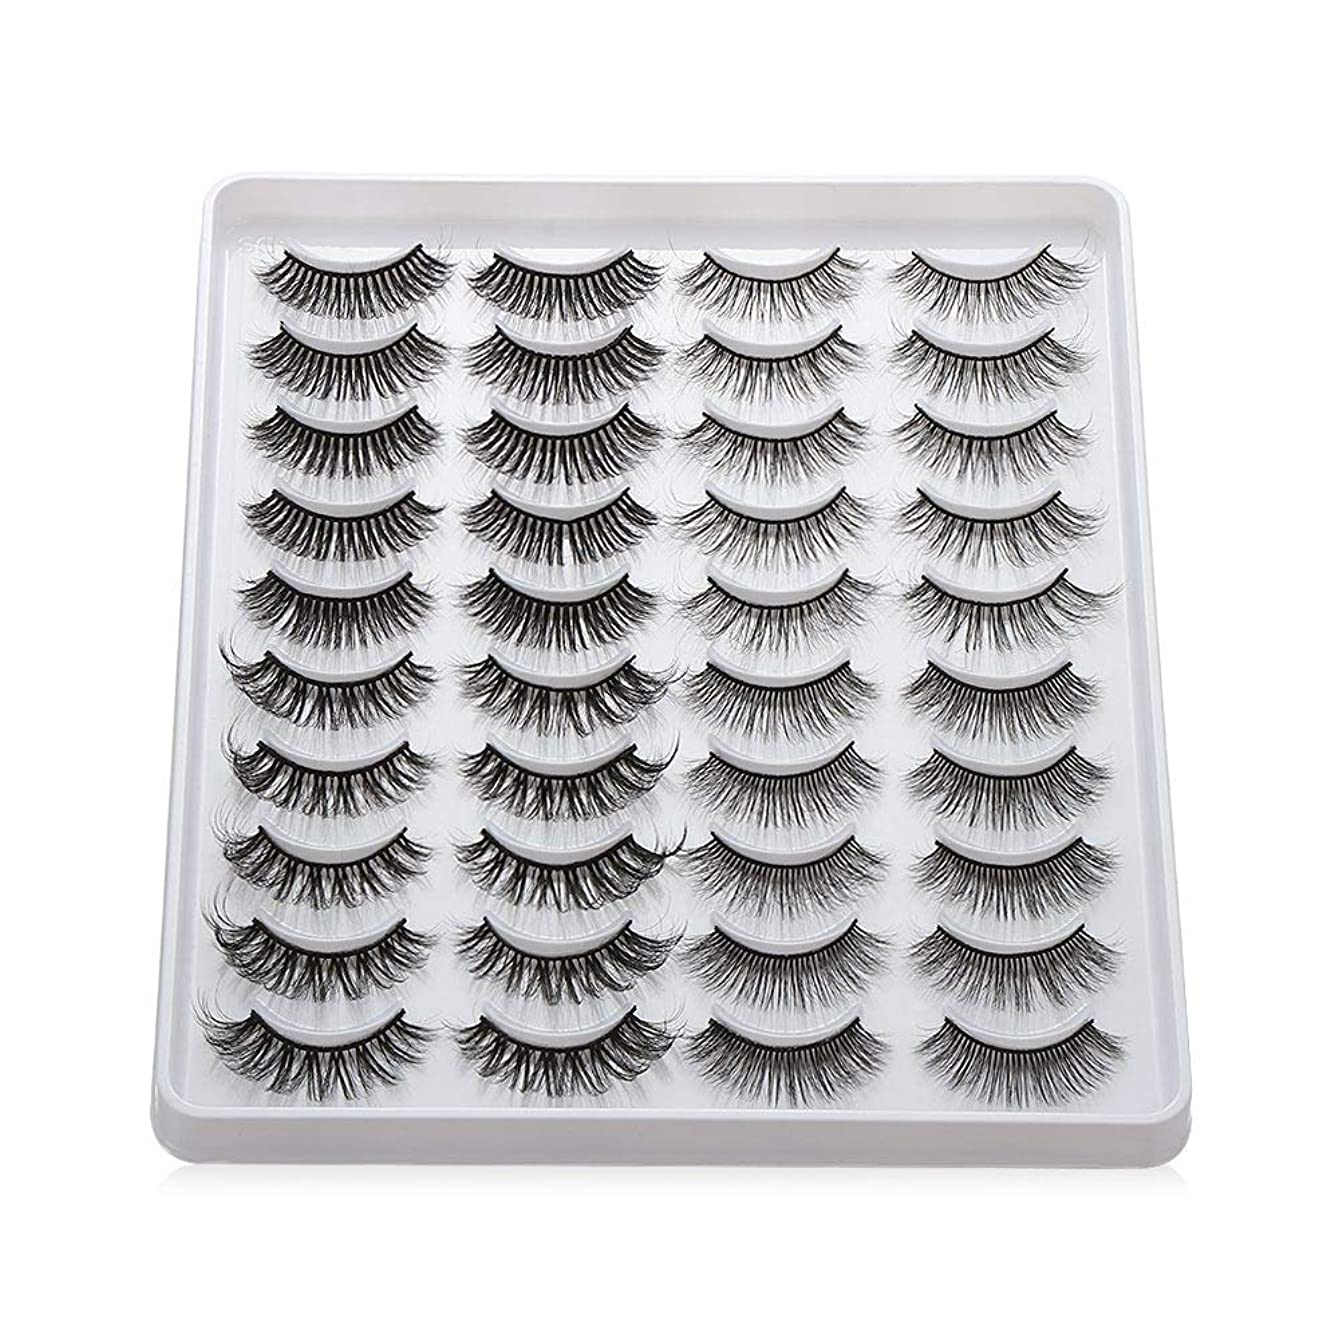 離す採用北米女性のファッション 混合様式 ハンドメイド 仮まつげ ウィスプFluffies 長い 3次元の人工ミンク睫毛(402)